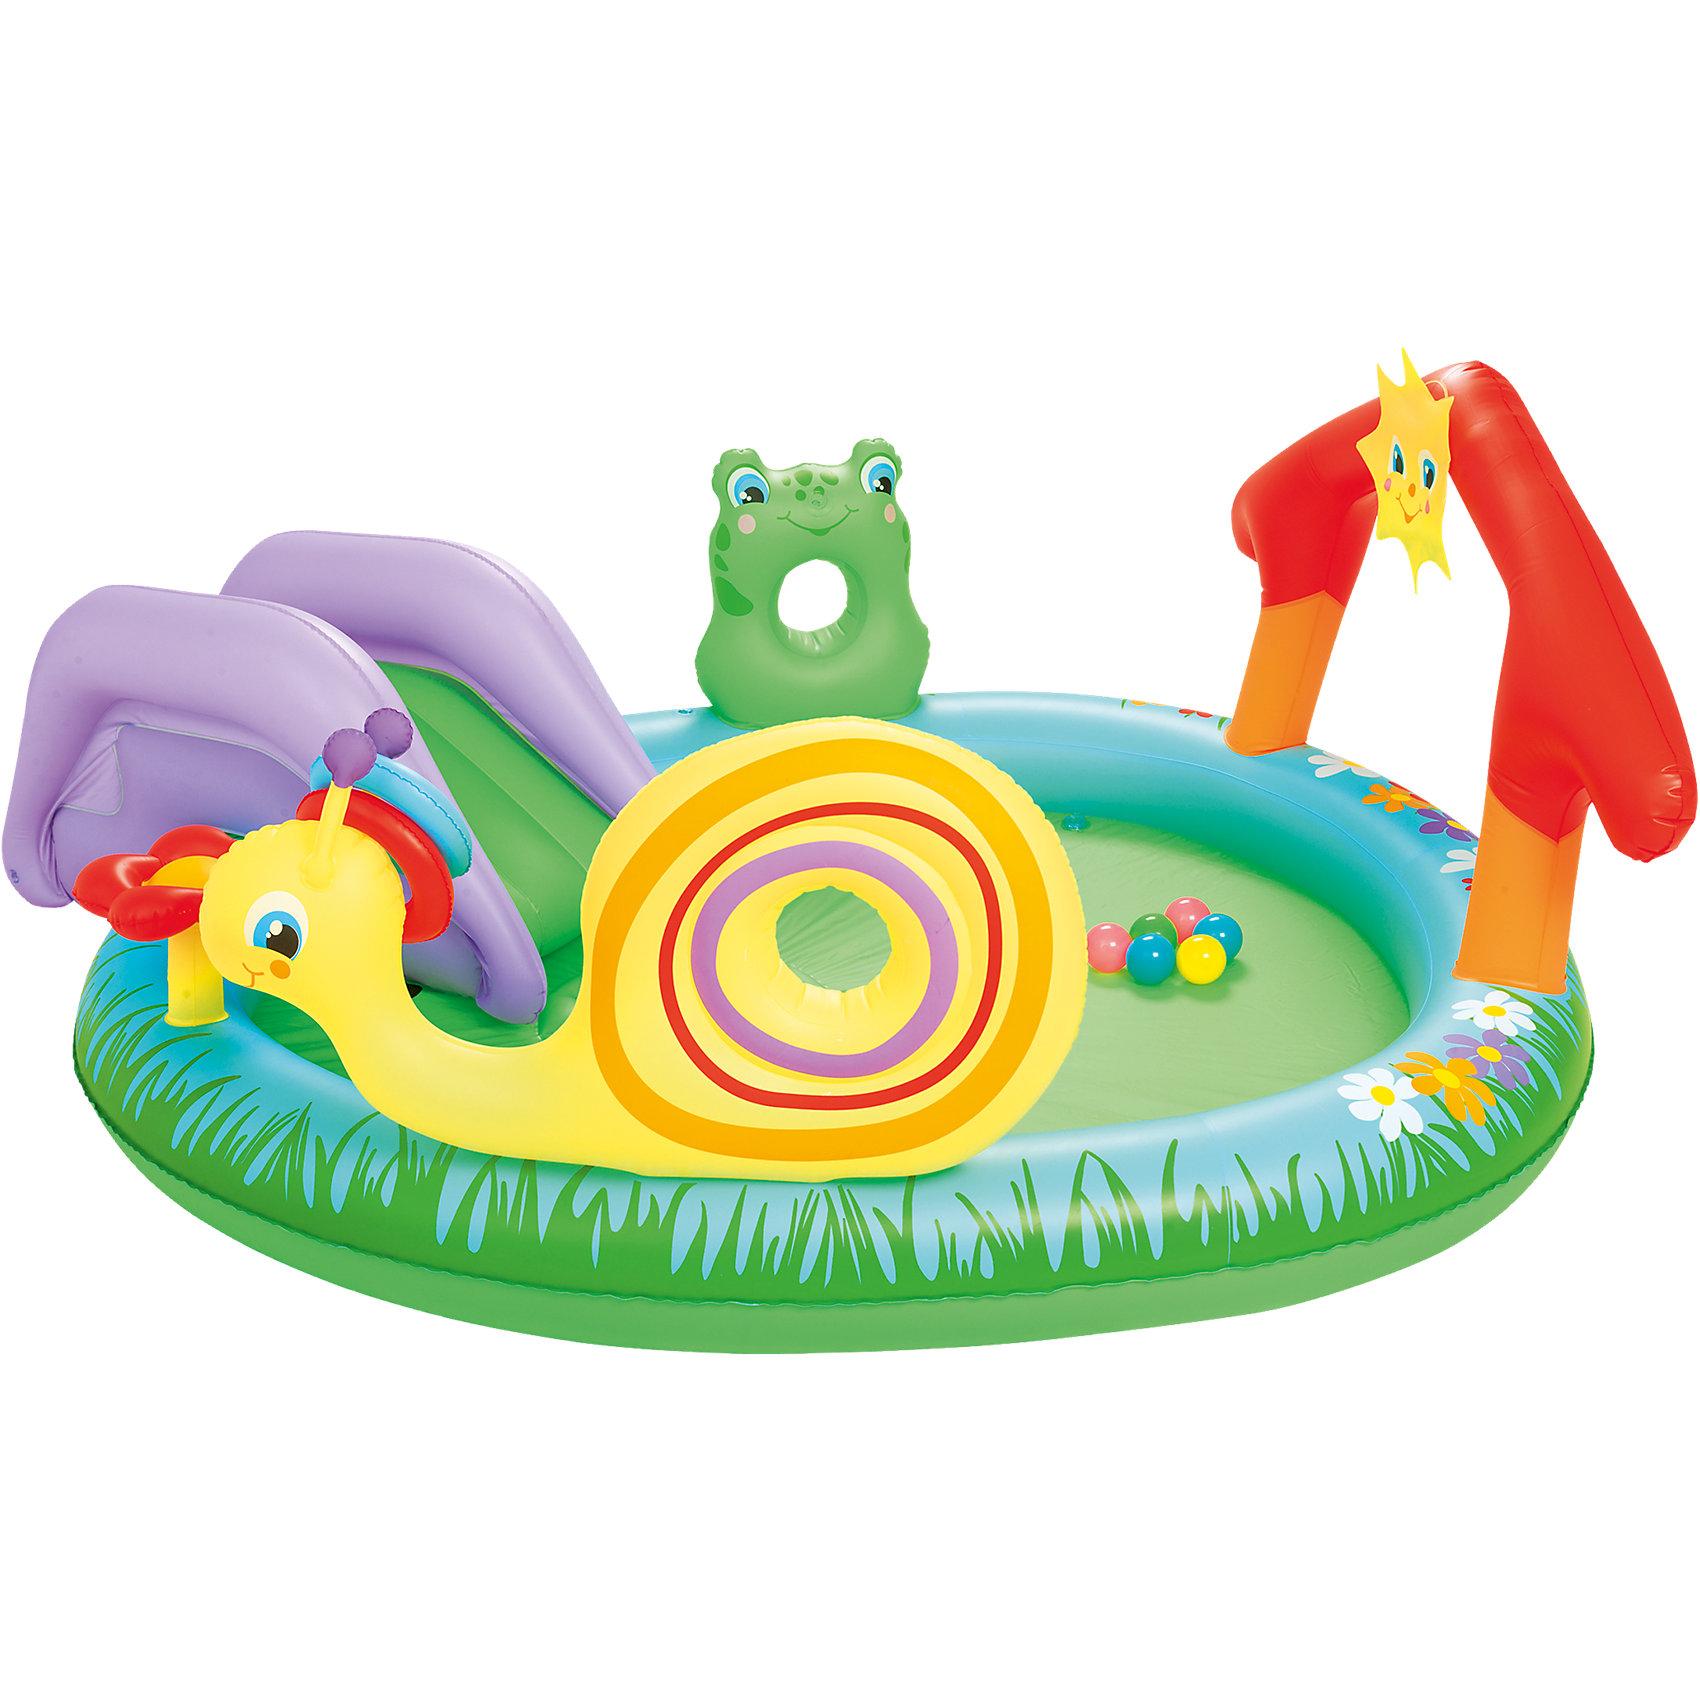 Игровой бассейн с брызгалкой и принадлежностями для игр, BestwayИгровой бассейн, Bestway, со множеством игровых возможностей - это отличное детское развлечение в жаркие летние дни. Надувной бассейн изготовлен из прочного материала ПВХ, который способен выдерживать большие нагрузки и вмещает в себя сразу несколько детей. Помимо плескания в воде, ребенок найдет здесь разнообразные веселые развлечения - съемную надувную горку с перилами, с которой можно скатываться прямо в воду и брызгалку в виде зеленой лягушки, которая подключается к садовому шлангу. К бортику крепятся забавные надувные игрушки - яркая улитка с домиком-ракушкой, цветочек и красочные ворота с солнышком. В комплект также входят небольшие мячики. Бассейн легко надувается при помощи насоса (в комплект не входит!). Рассчитан на детей от 2 лет.<br><br>Дополнительная информация:<br><br>- В комплекте: бассейн, съемная горка, надувные аксессуары (игрушки, шарики).<br>- Материал: ПВХ.<br>- Объем: 144 л.<br>- Размер бассейна: 211 x 155 x 81 см.<br>- Размер упаковки: 40,8 х 39,9 х 11,1 см.<br>- Вес: 3,275 кг. <br><br>Игровой бассейн с брызгалкой и принадлежностями для игр, Bestway, можно купить в нашем интернет-магазине.<br><br>Ширина мм: 408<br>Глубина мм: 399<br>Высота мм: 111<br>Вес г: 3275<br>Возраст от месяцев: 24<br>Возраст до месяцев: 60<br>Пол: Унисекс<br>Возраст: Детский<br>SKU: 4292333